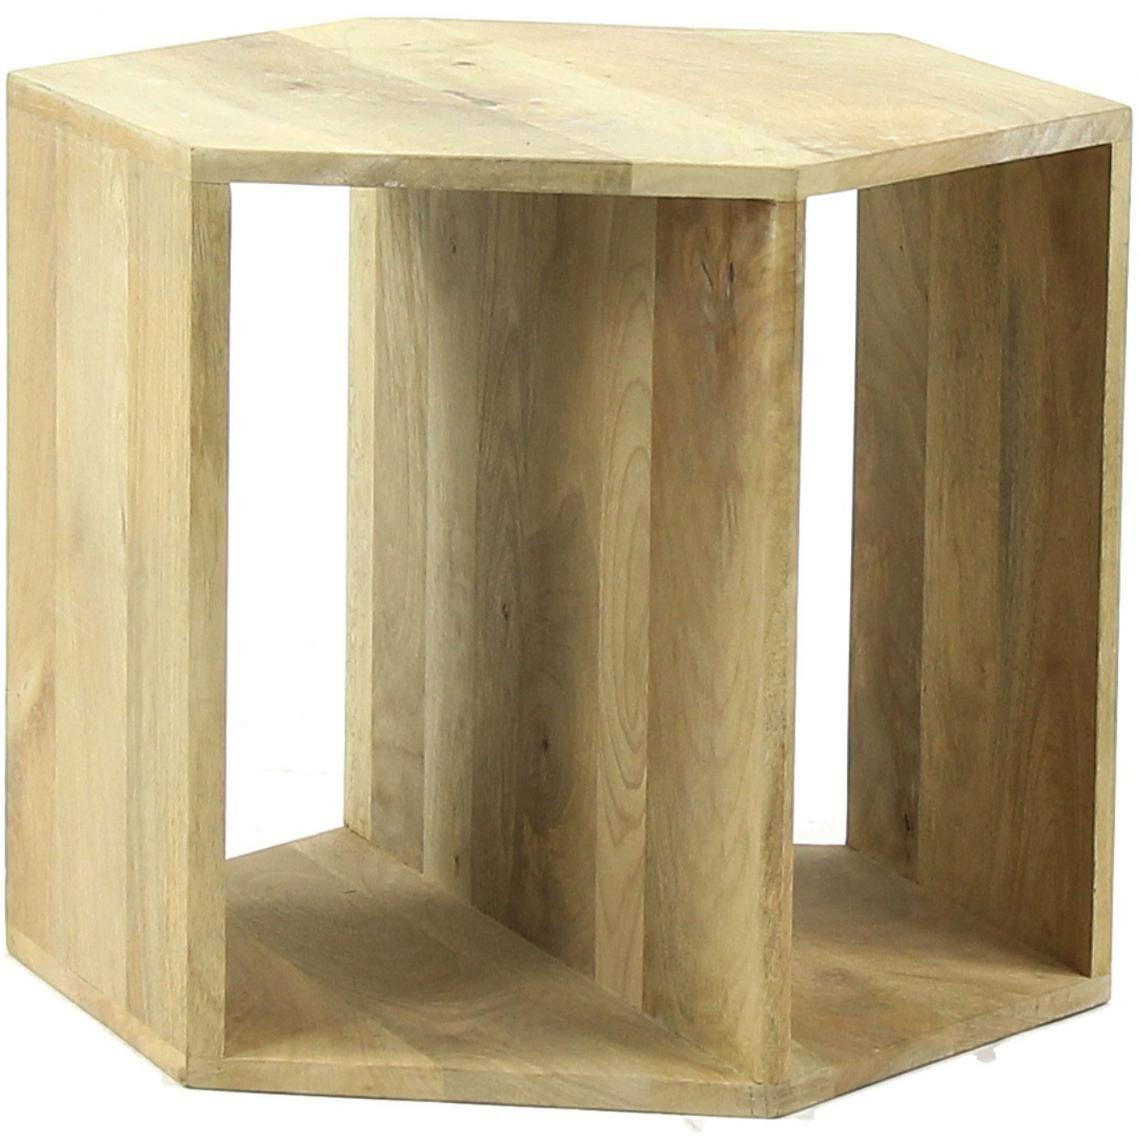 Table Basse Hexagonale Pomax En Bois De Manguier 50x50x40 Graphik